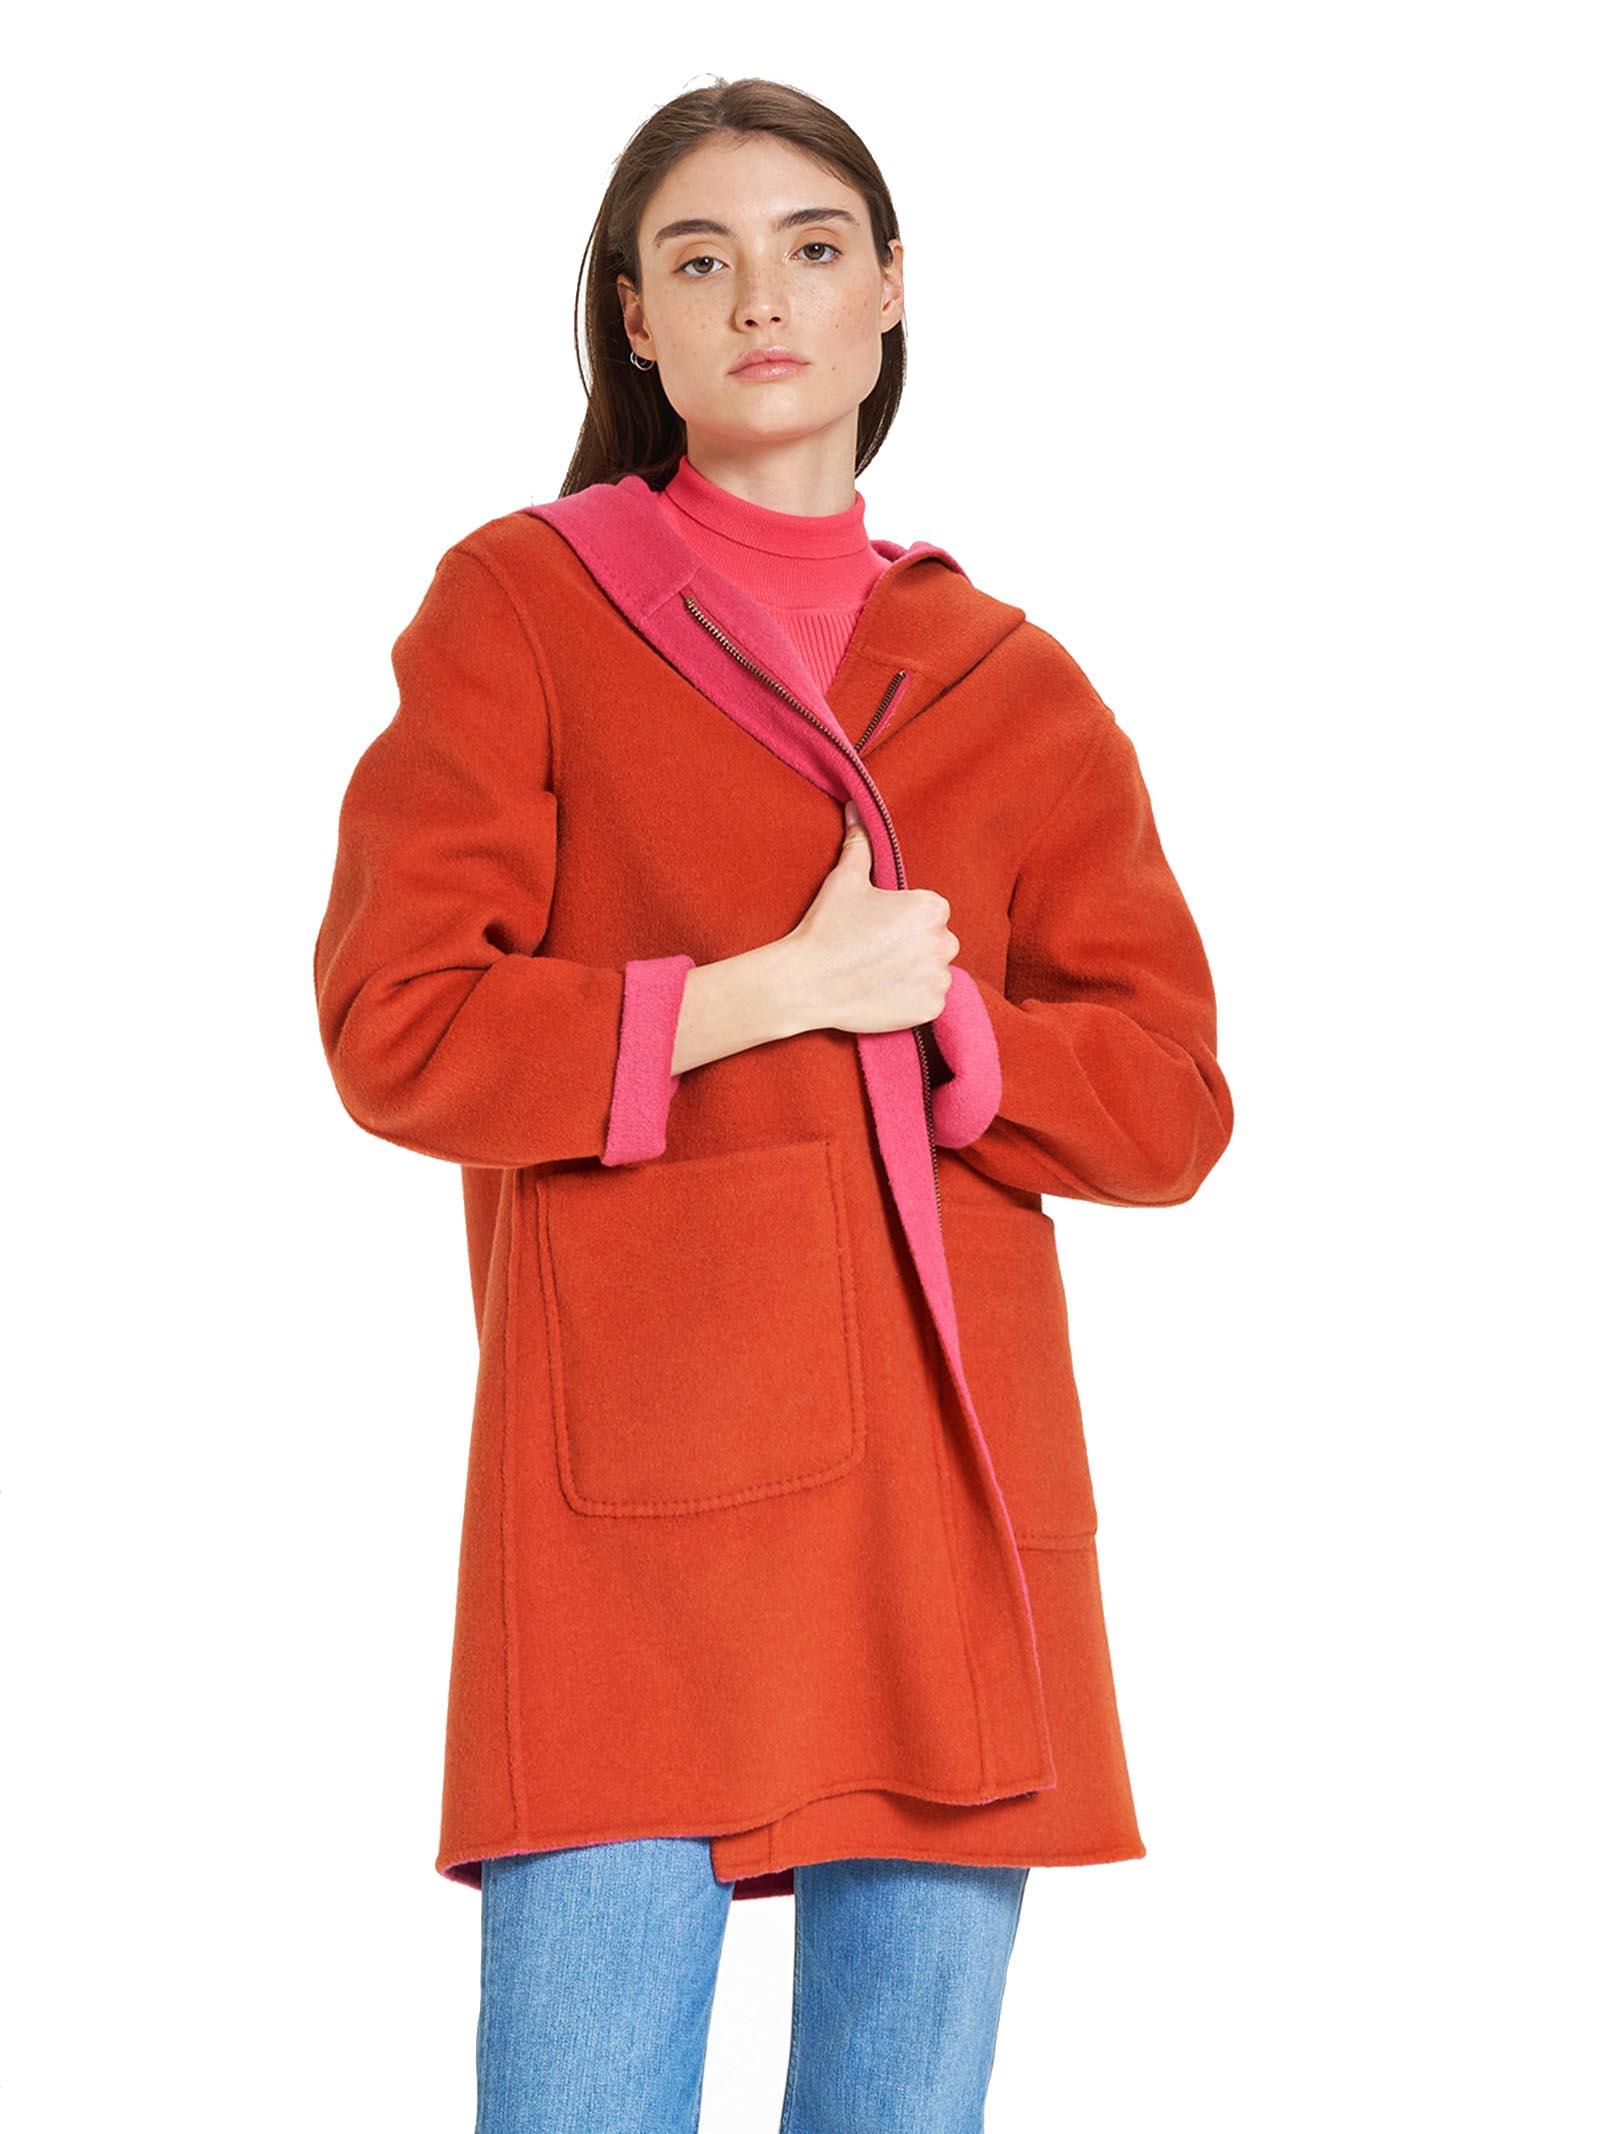 Abbigliamento Donna Cappotto Lungo Double Face in Arancio e Fuxia con Cappucio Maliparmi | Cappotti | JA52572027631B34